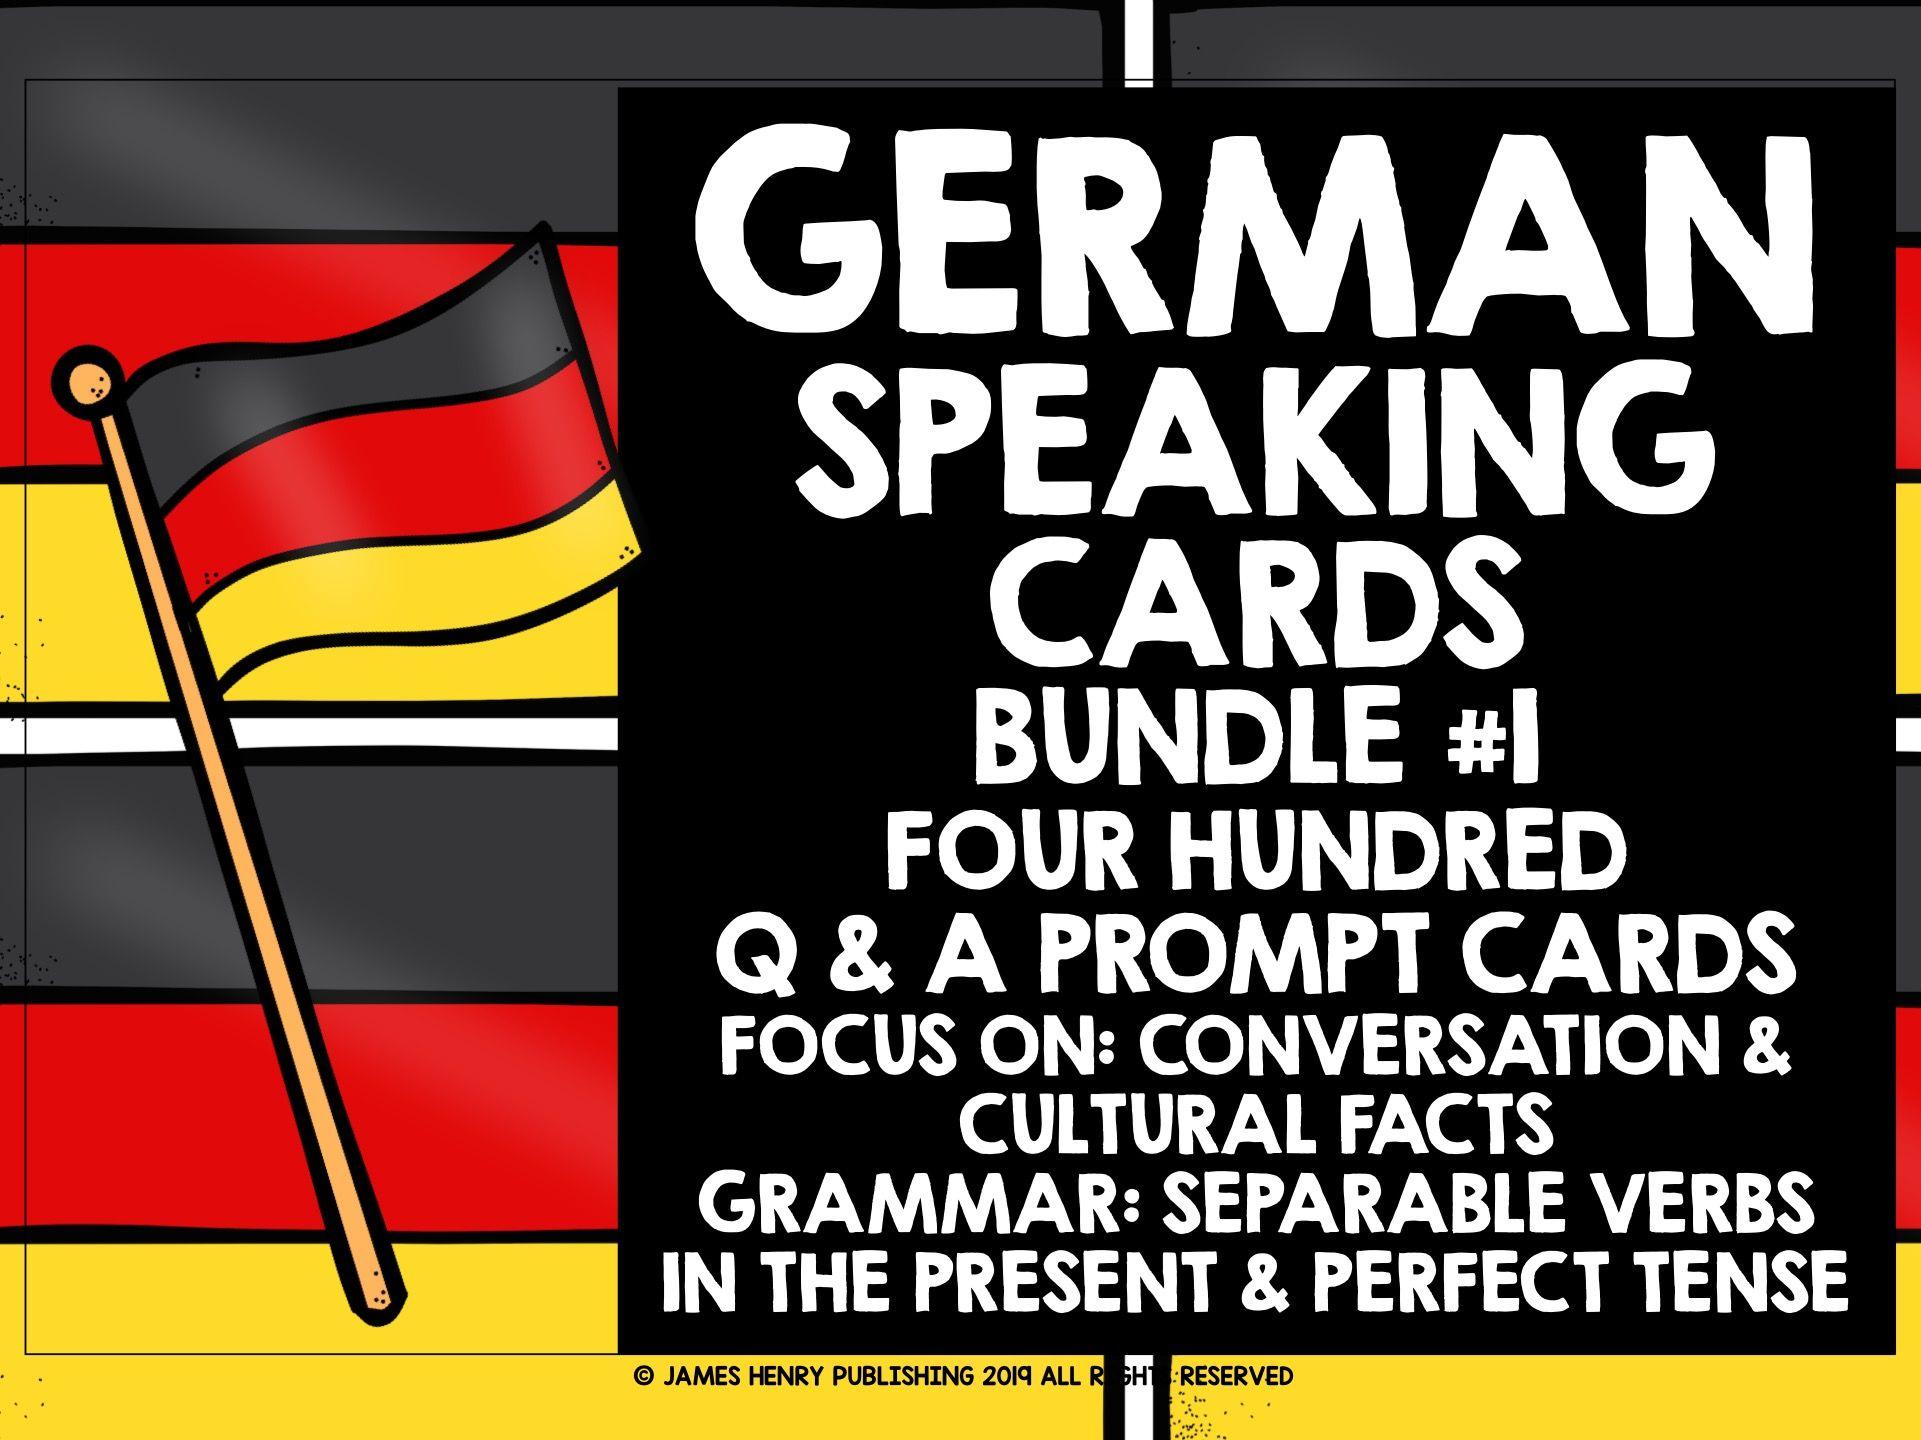 GERMAN SPEAKING PRACTICE BUNDLE #1